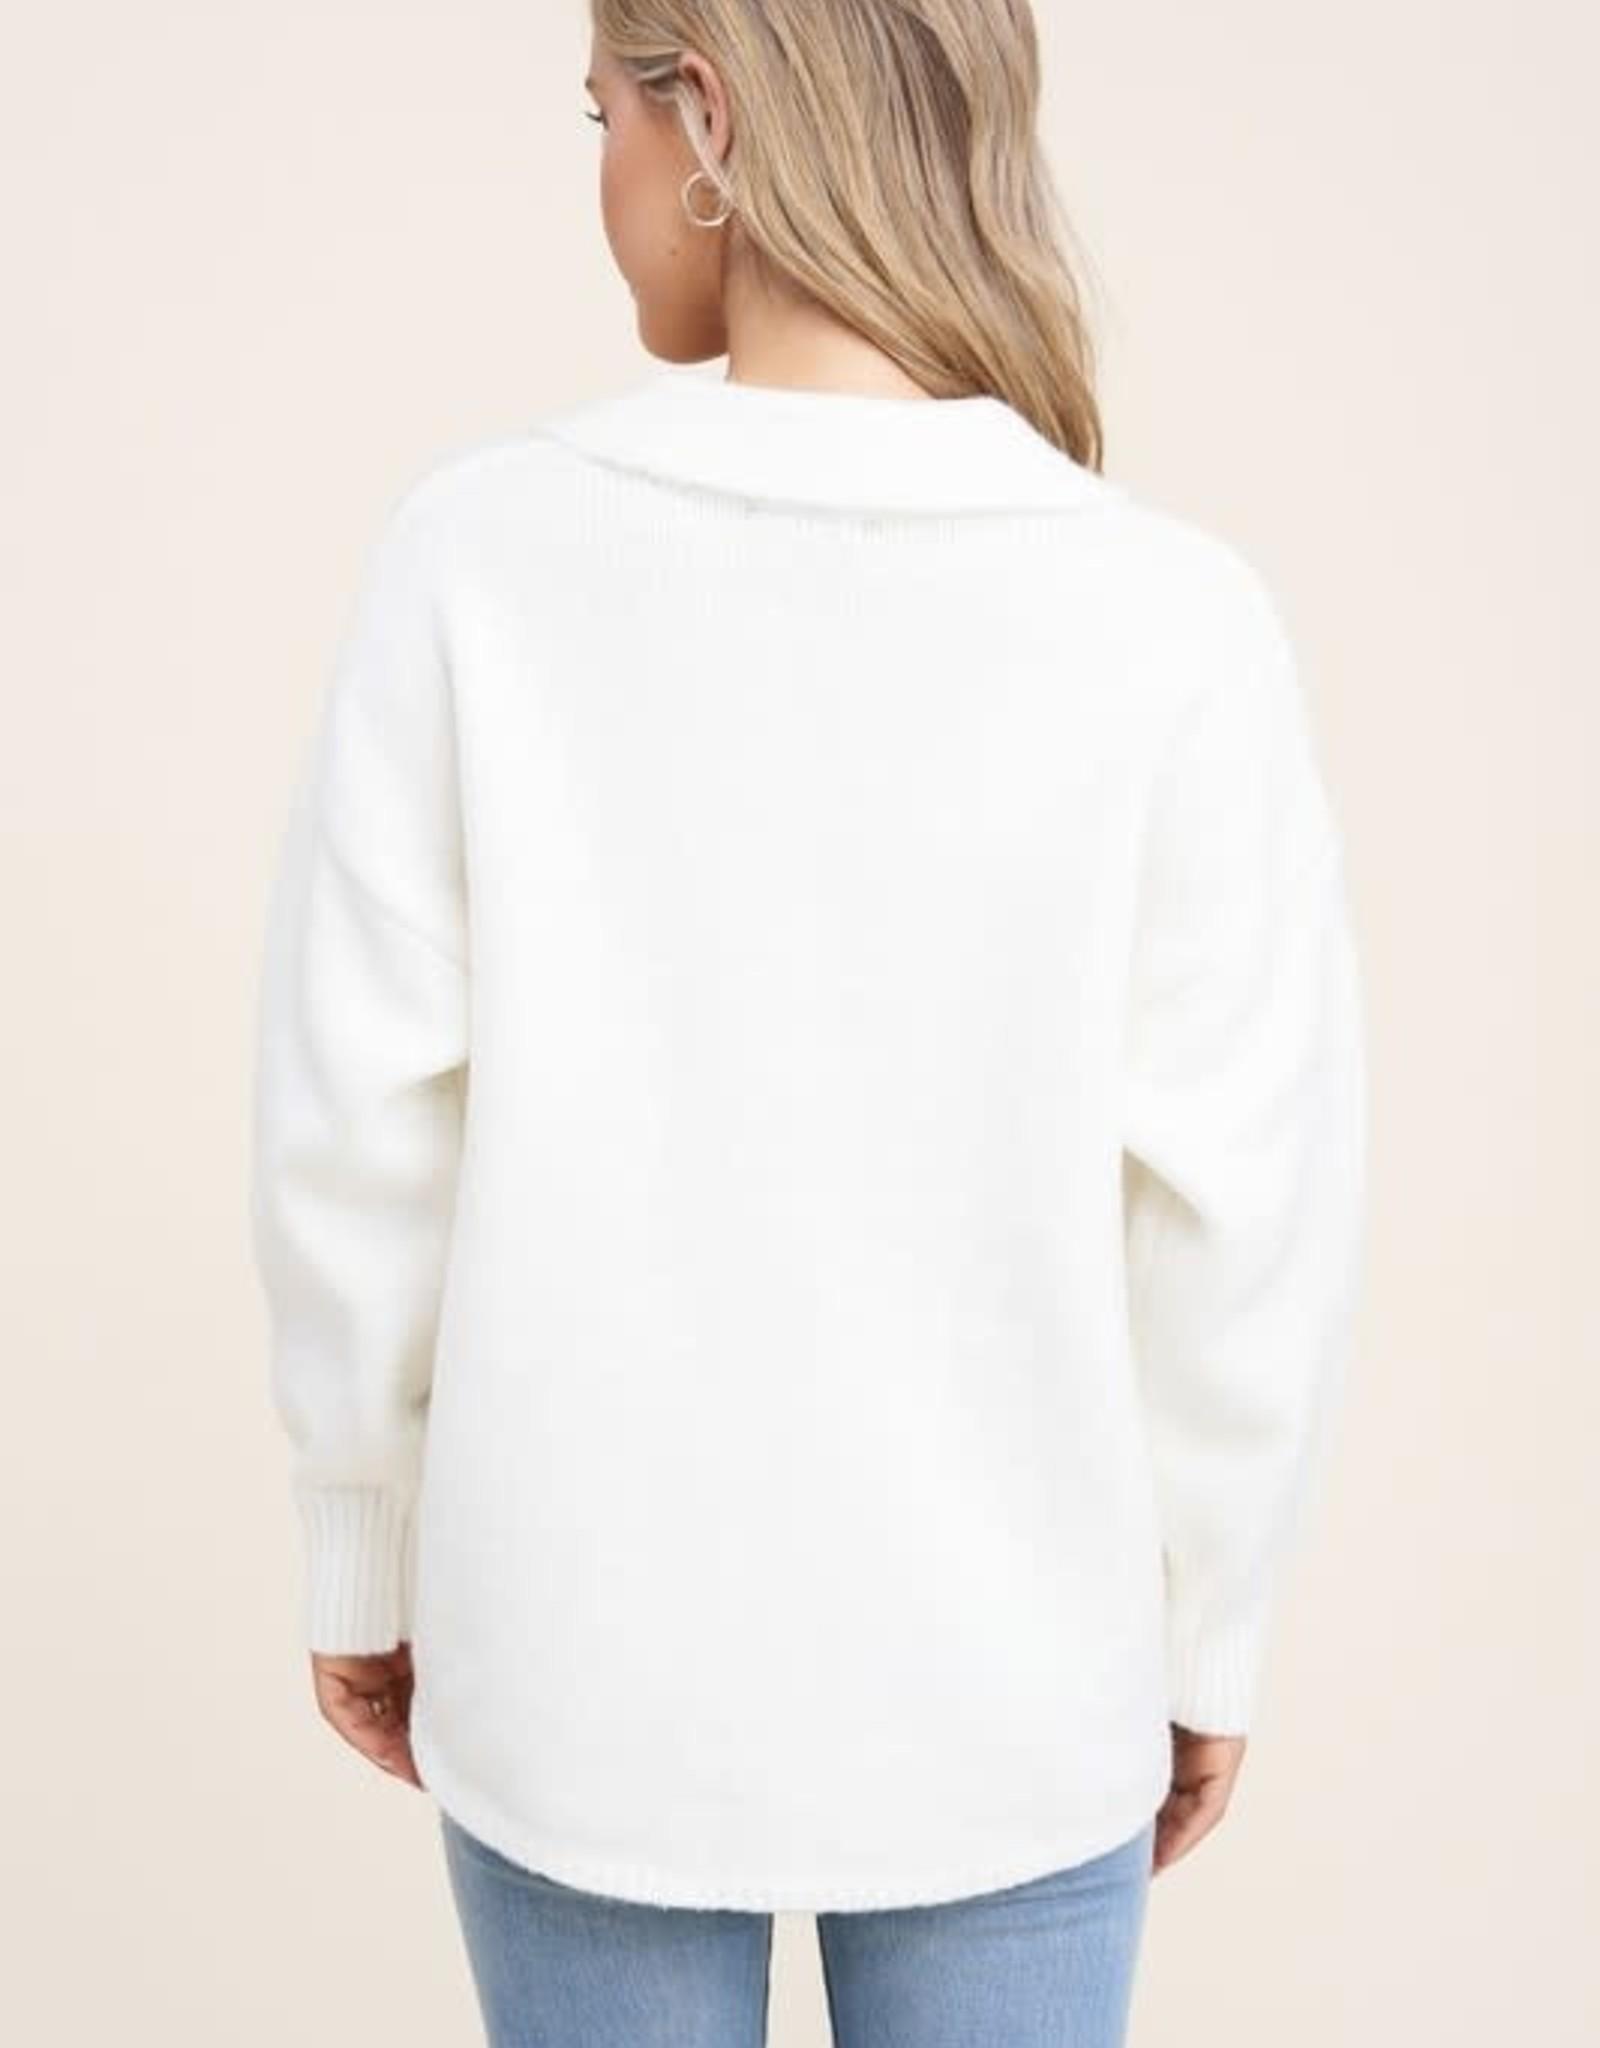 TLC 53251 sweater shacket